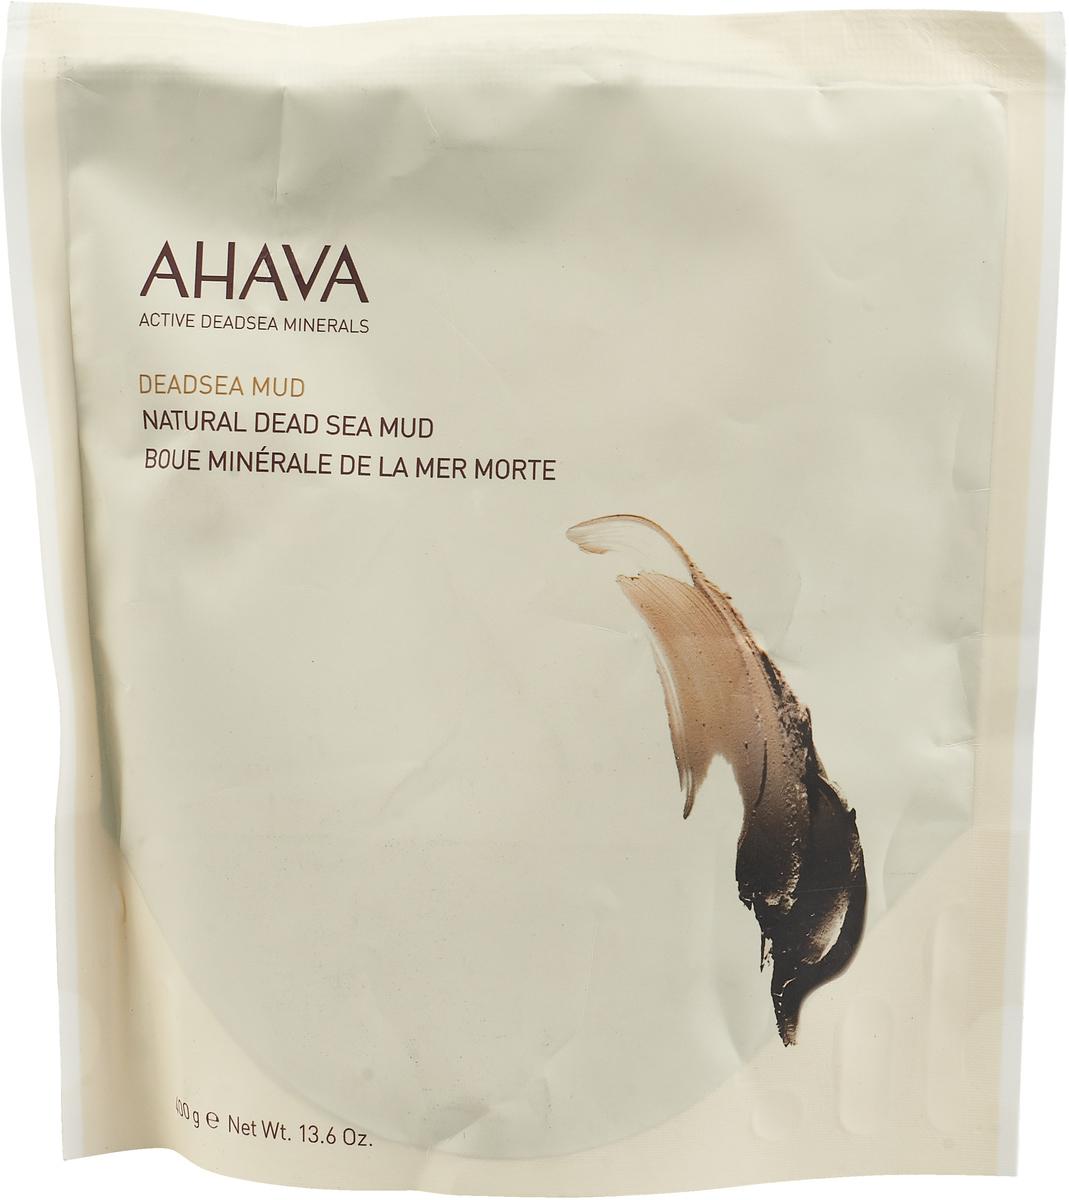 Грязь Мертвого моря Ahava, натуральная, 400 г86715065Грязь Ahava обогащена минералами Мертвого моря. Она проникает в самые глубинные слои кожи, очищает ее и восстанавливает естественный баланс влаги. Разглаживает, омолаживает и осветляет кожу. Характеристики: Вес: 400 г. Производитель: Израиль.Товар сертифицирован. Ahava- это первая в Израиле косметическая продукция. Секрет действия косметикиAhavaзаключается в уникальном сочетании жизненно важных минералов Мертвого моря с разнообразием растительных компонентов. Высокая концентрация природных минералов способствует продолжительному увлажнению всех слоев кожи, активизирует кожный обмен веществ и кровообращение, ускоряет генерацию клеток и улучшает общее состояние кожи. В результате кожа становится свежей, гладкой и здоровой.